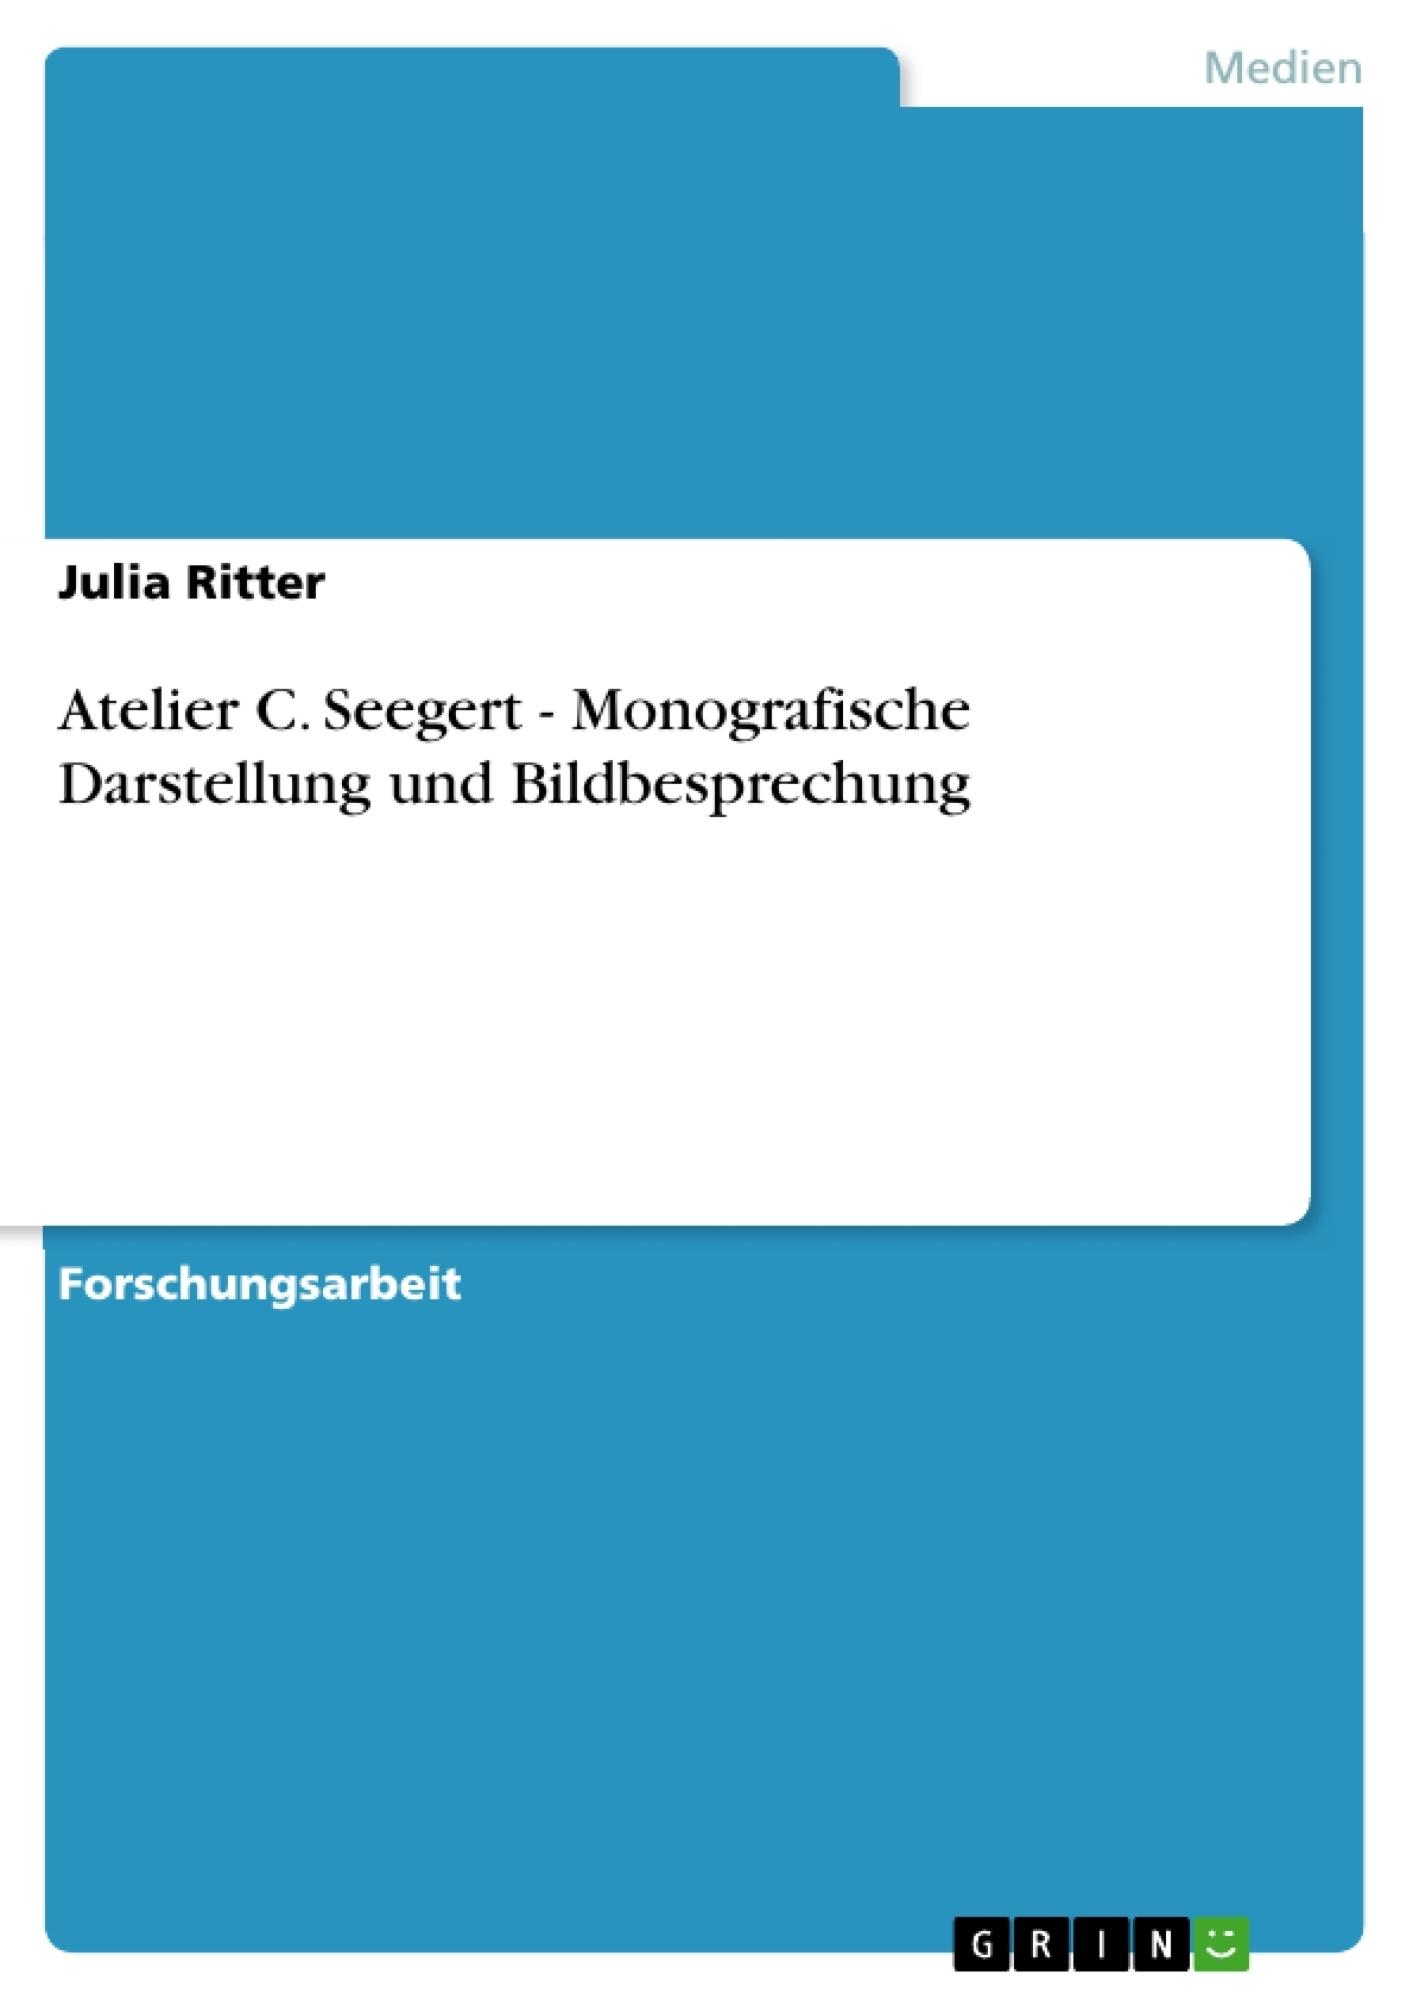 Titel: Atelier C. Seegert - Monografische Darstellung und Bildbesprechung